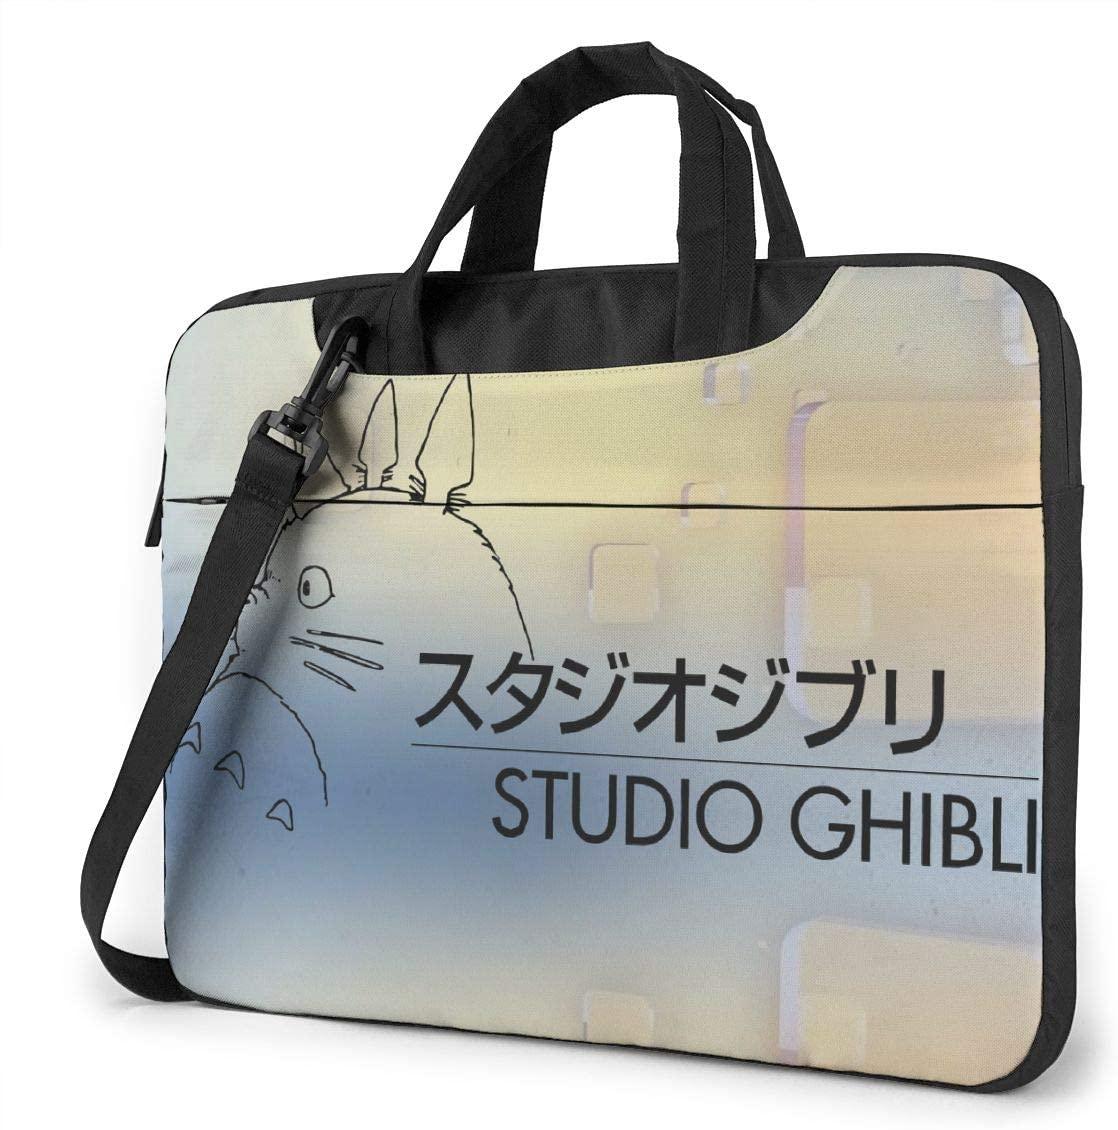 Studio Ghibli Logo Mens Waterproof Computer Bag Laptop Case Messenger Bag, 13in 14in 15.6in